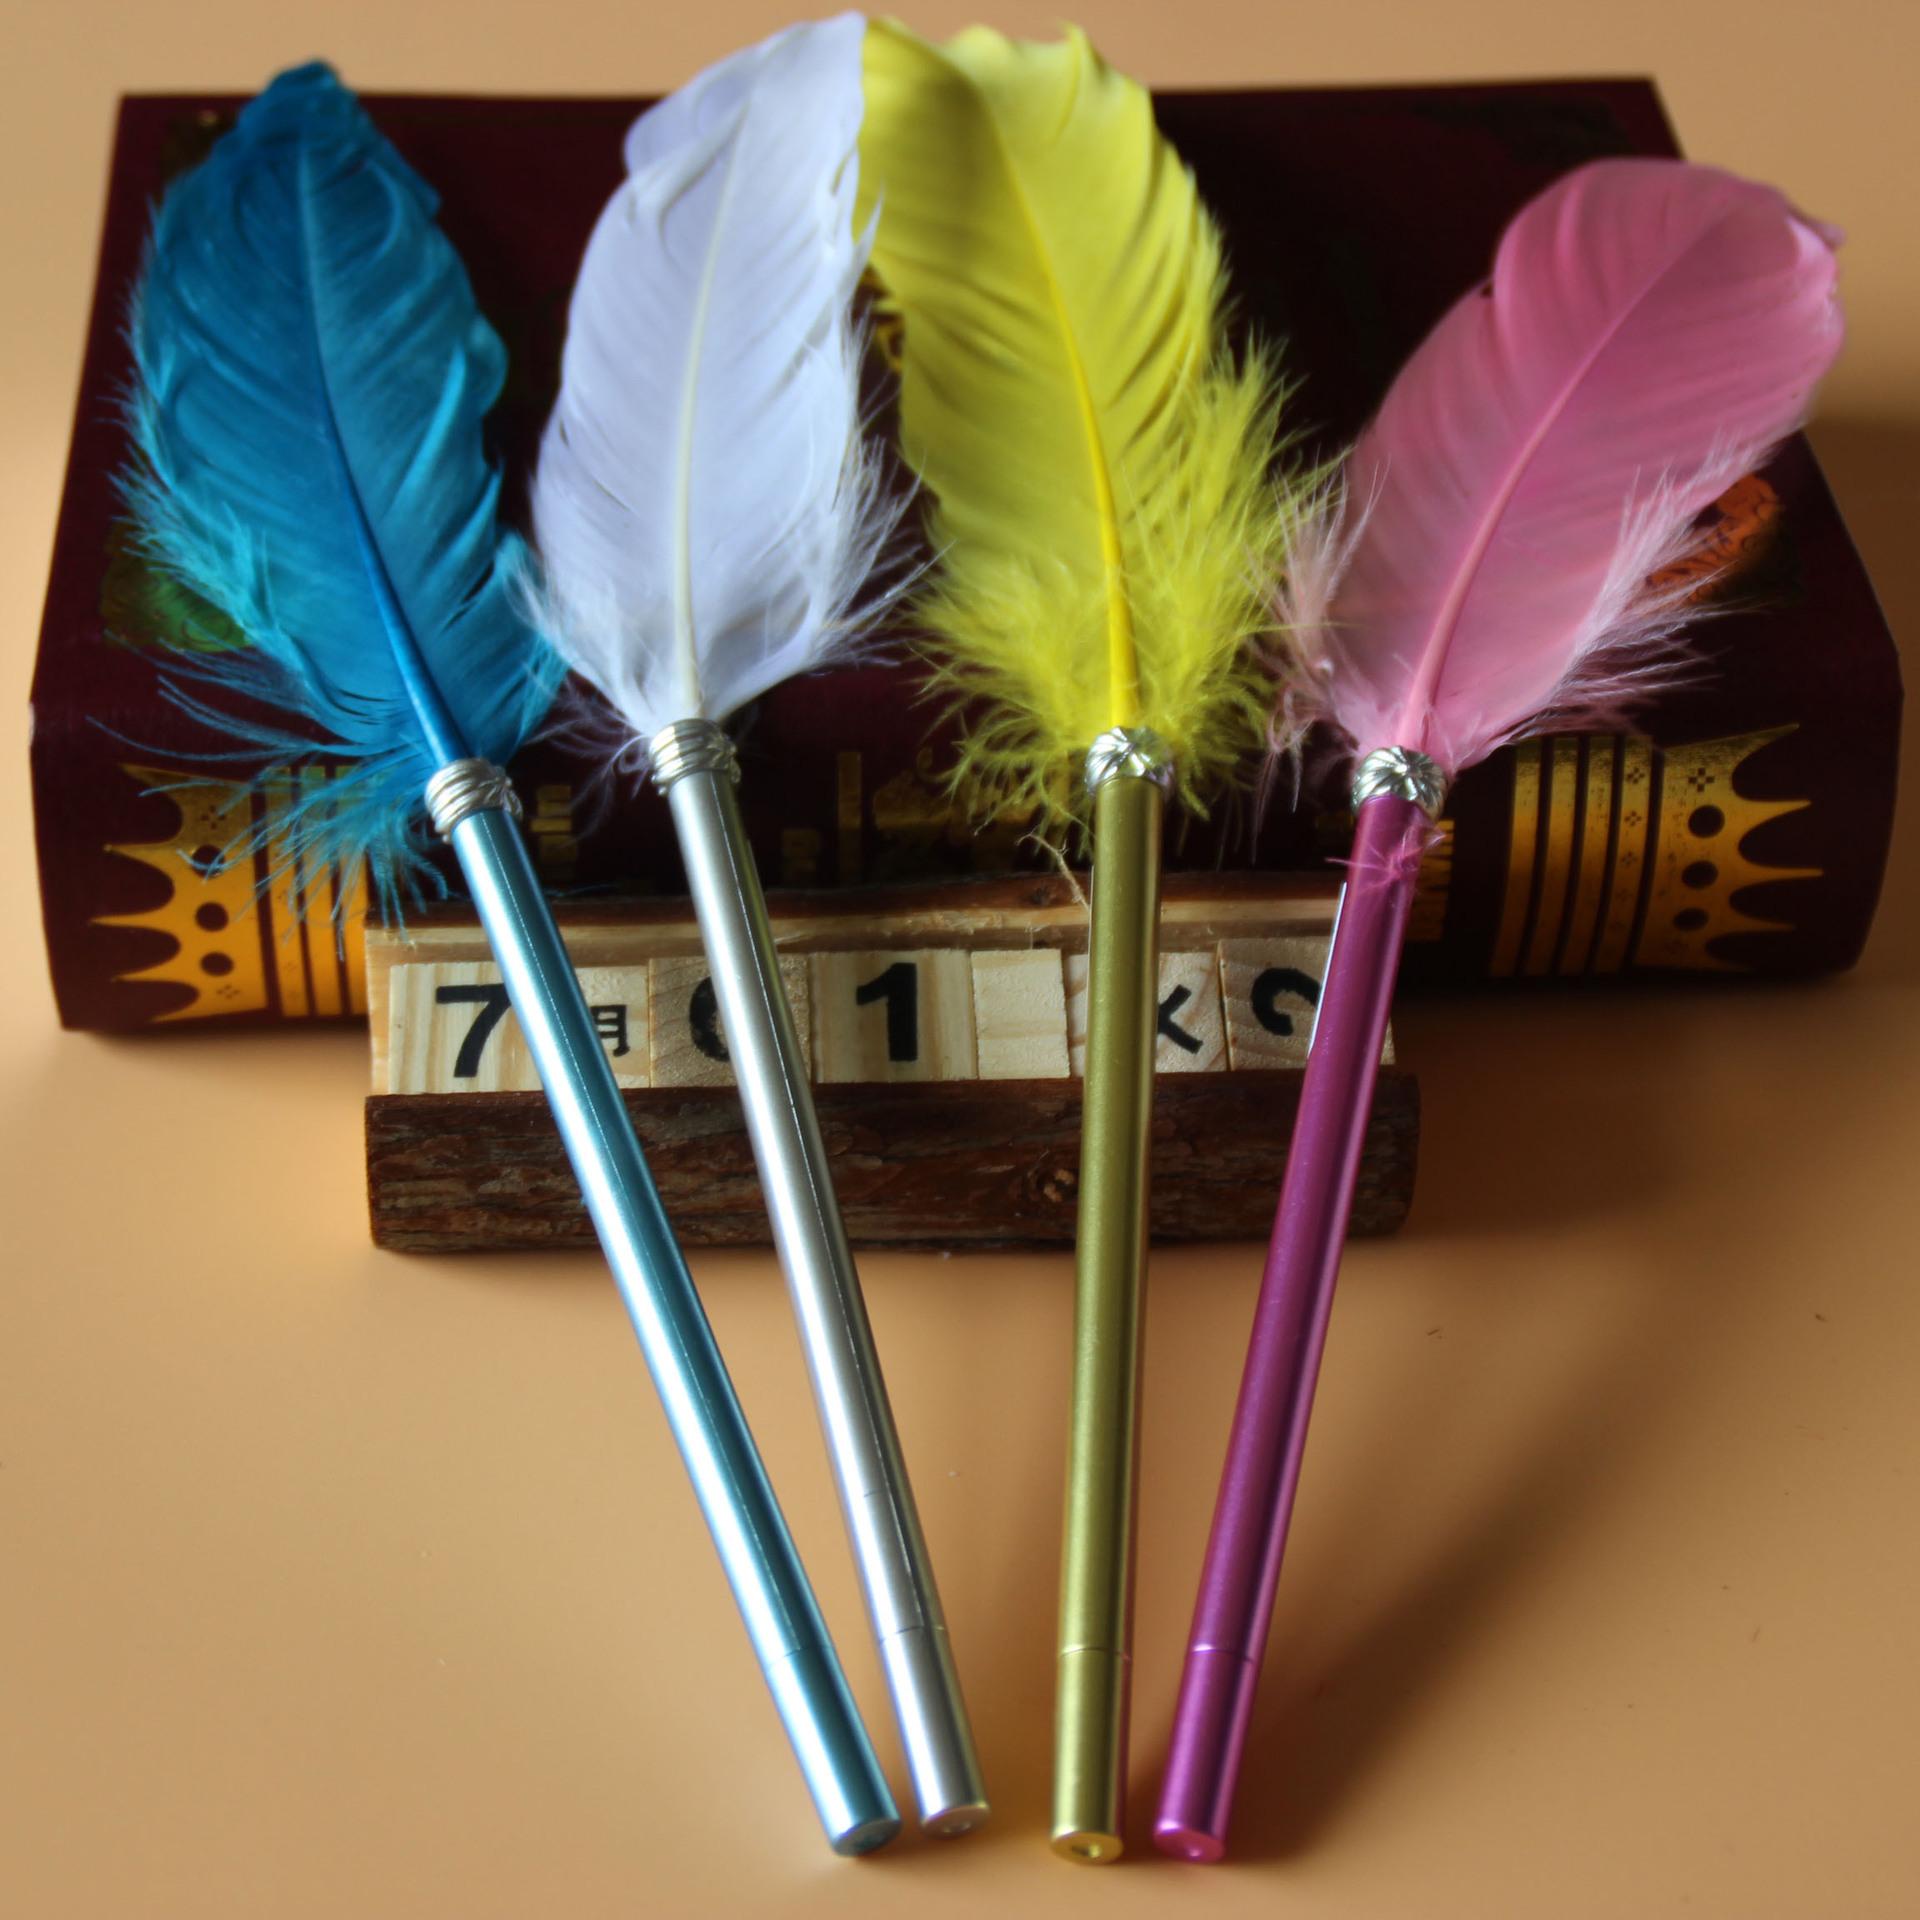 创意韩国个性复古简约羽毛笔 鹅毛中性笔 学生水笔 礼品笔批发